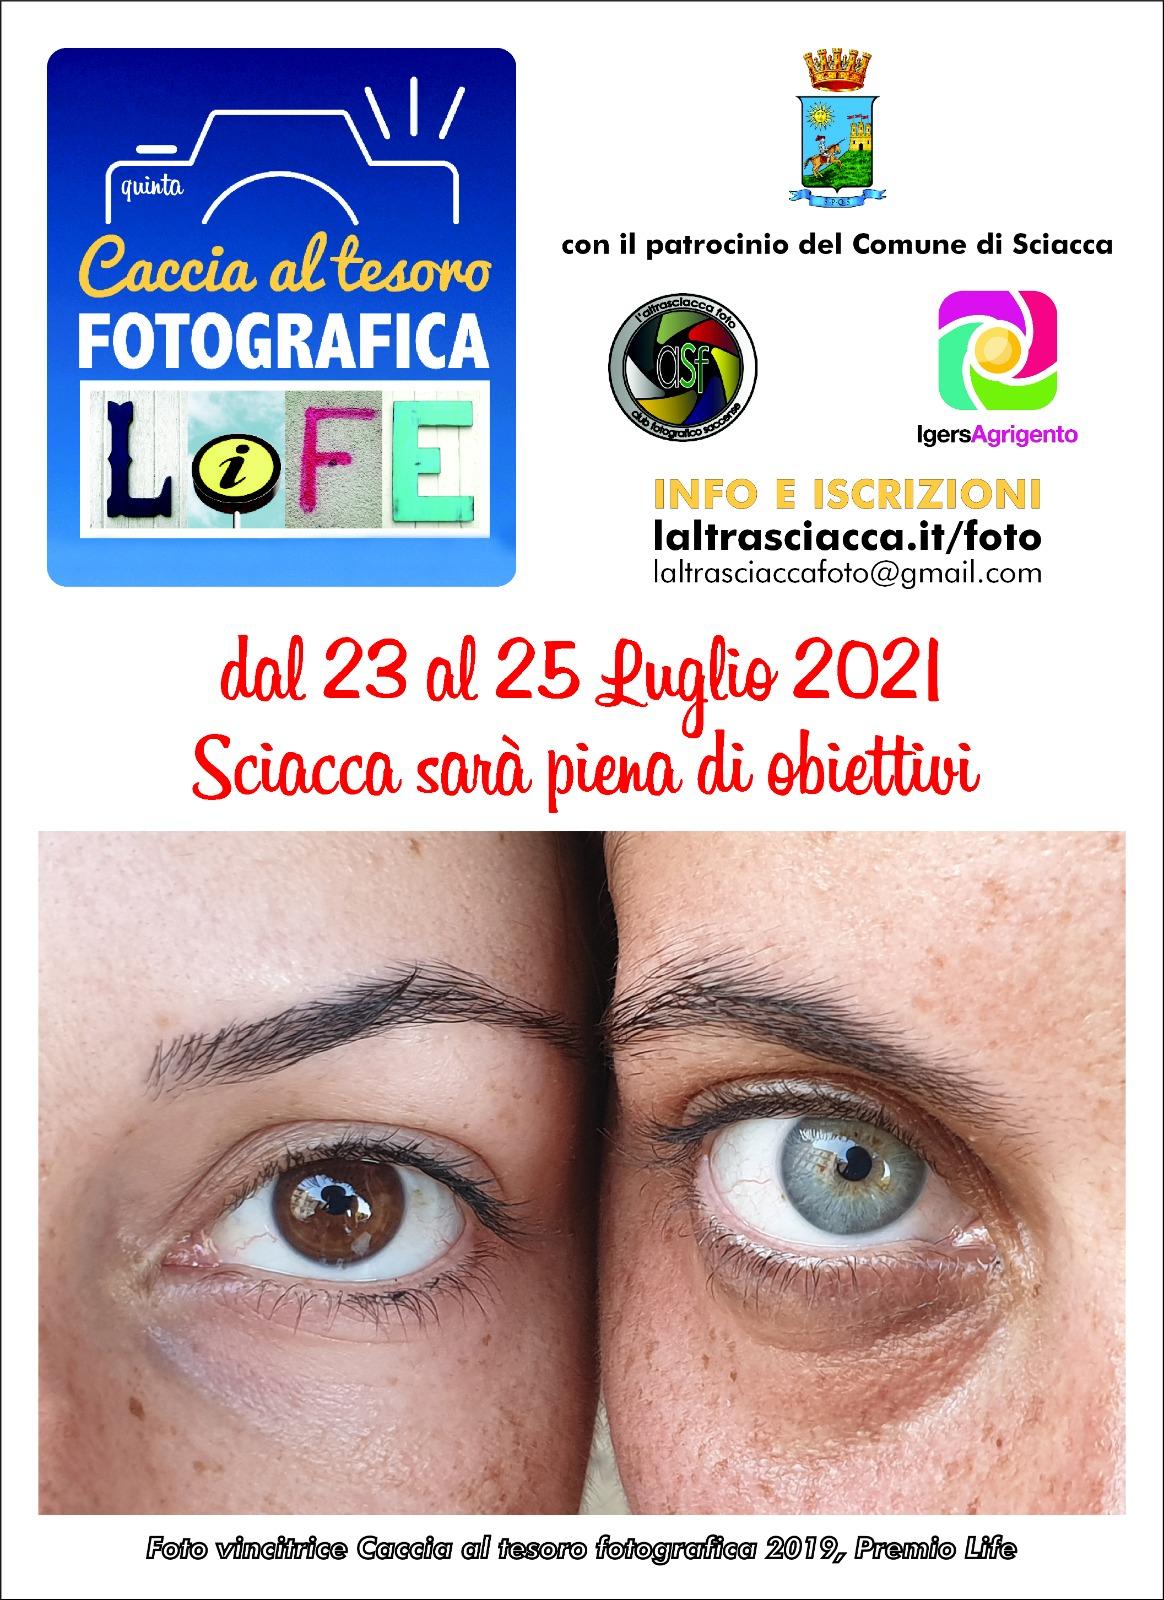 5 ^ CACCIA AL TESORO FOTOGRAFICA LIFE MEMORIAL FABRIZIO PIRO